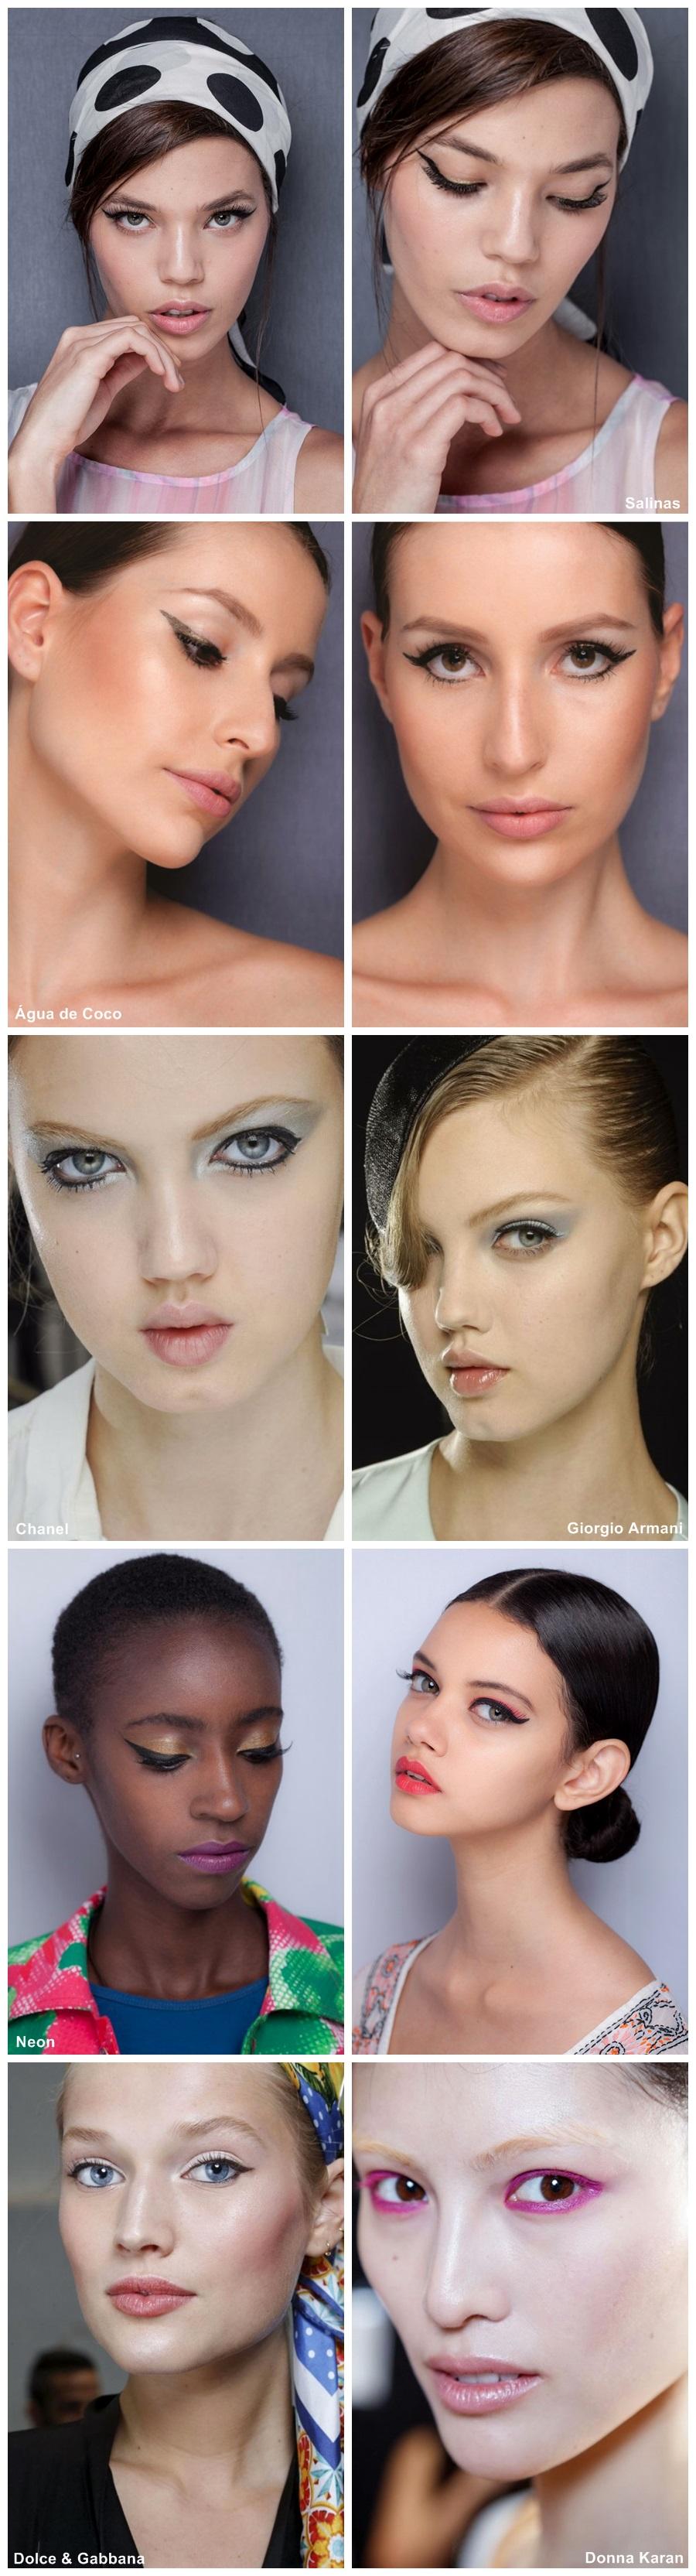 tendência de maquiagem verão 2014 DELINEADO GATINHO